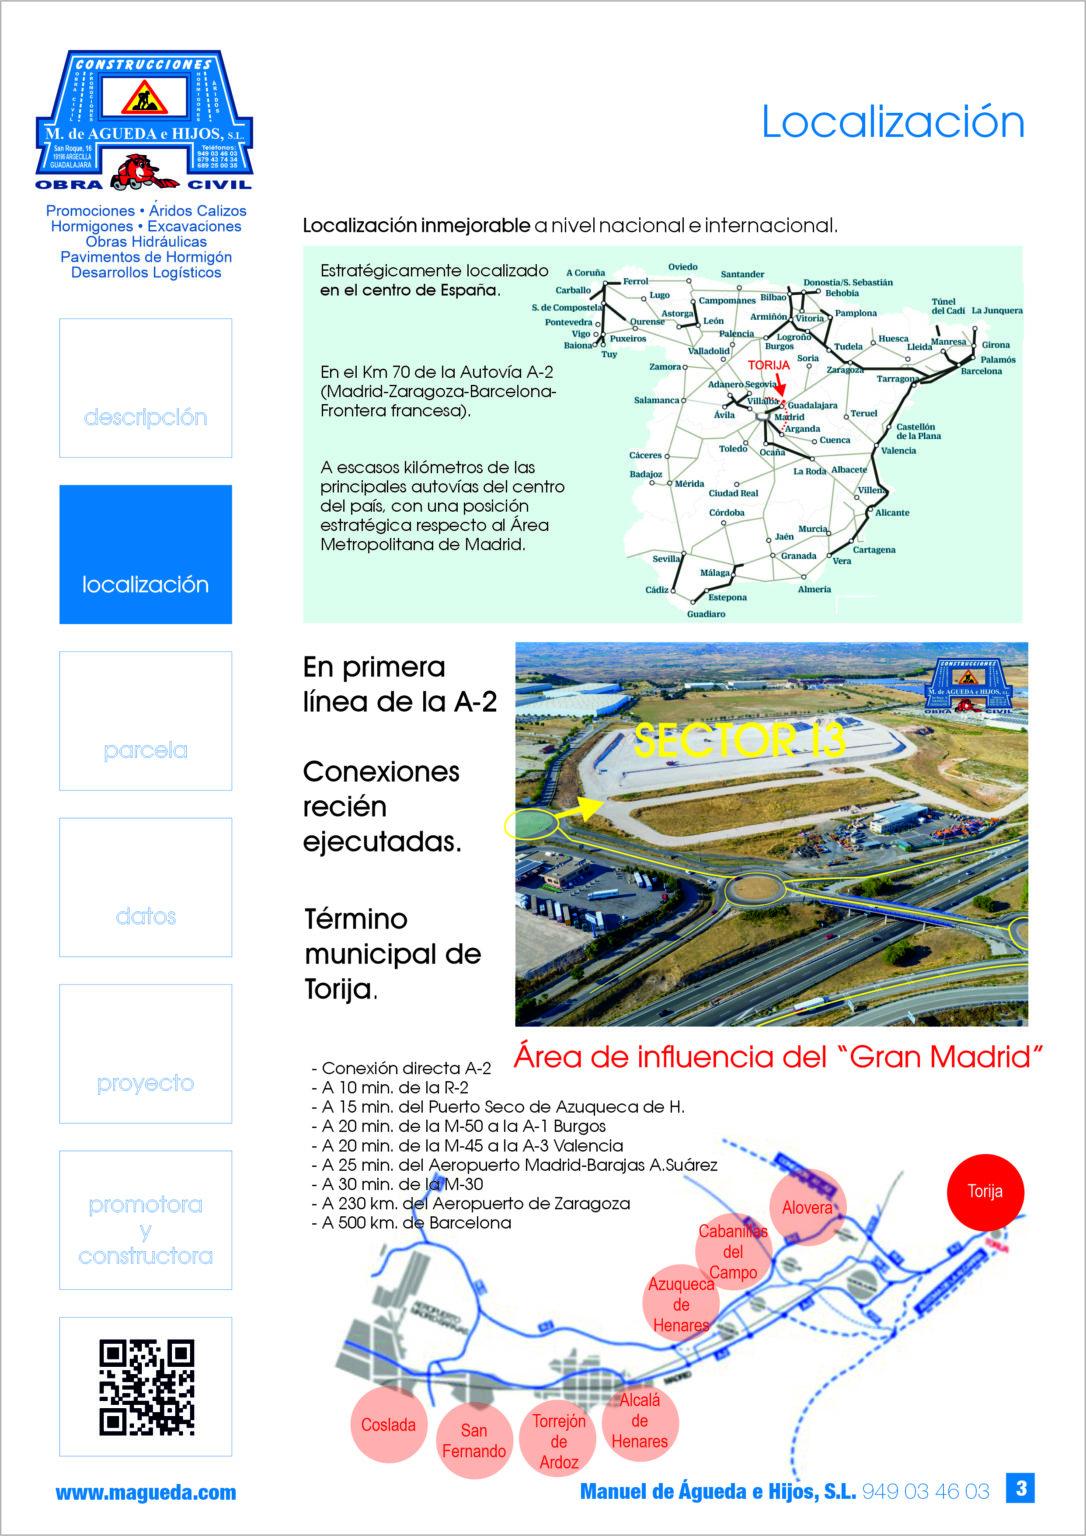 aagueda-dossier-comercial-I3-4-3